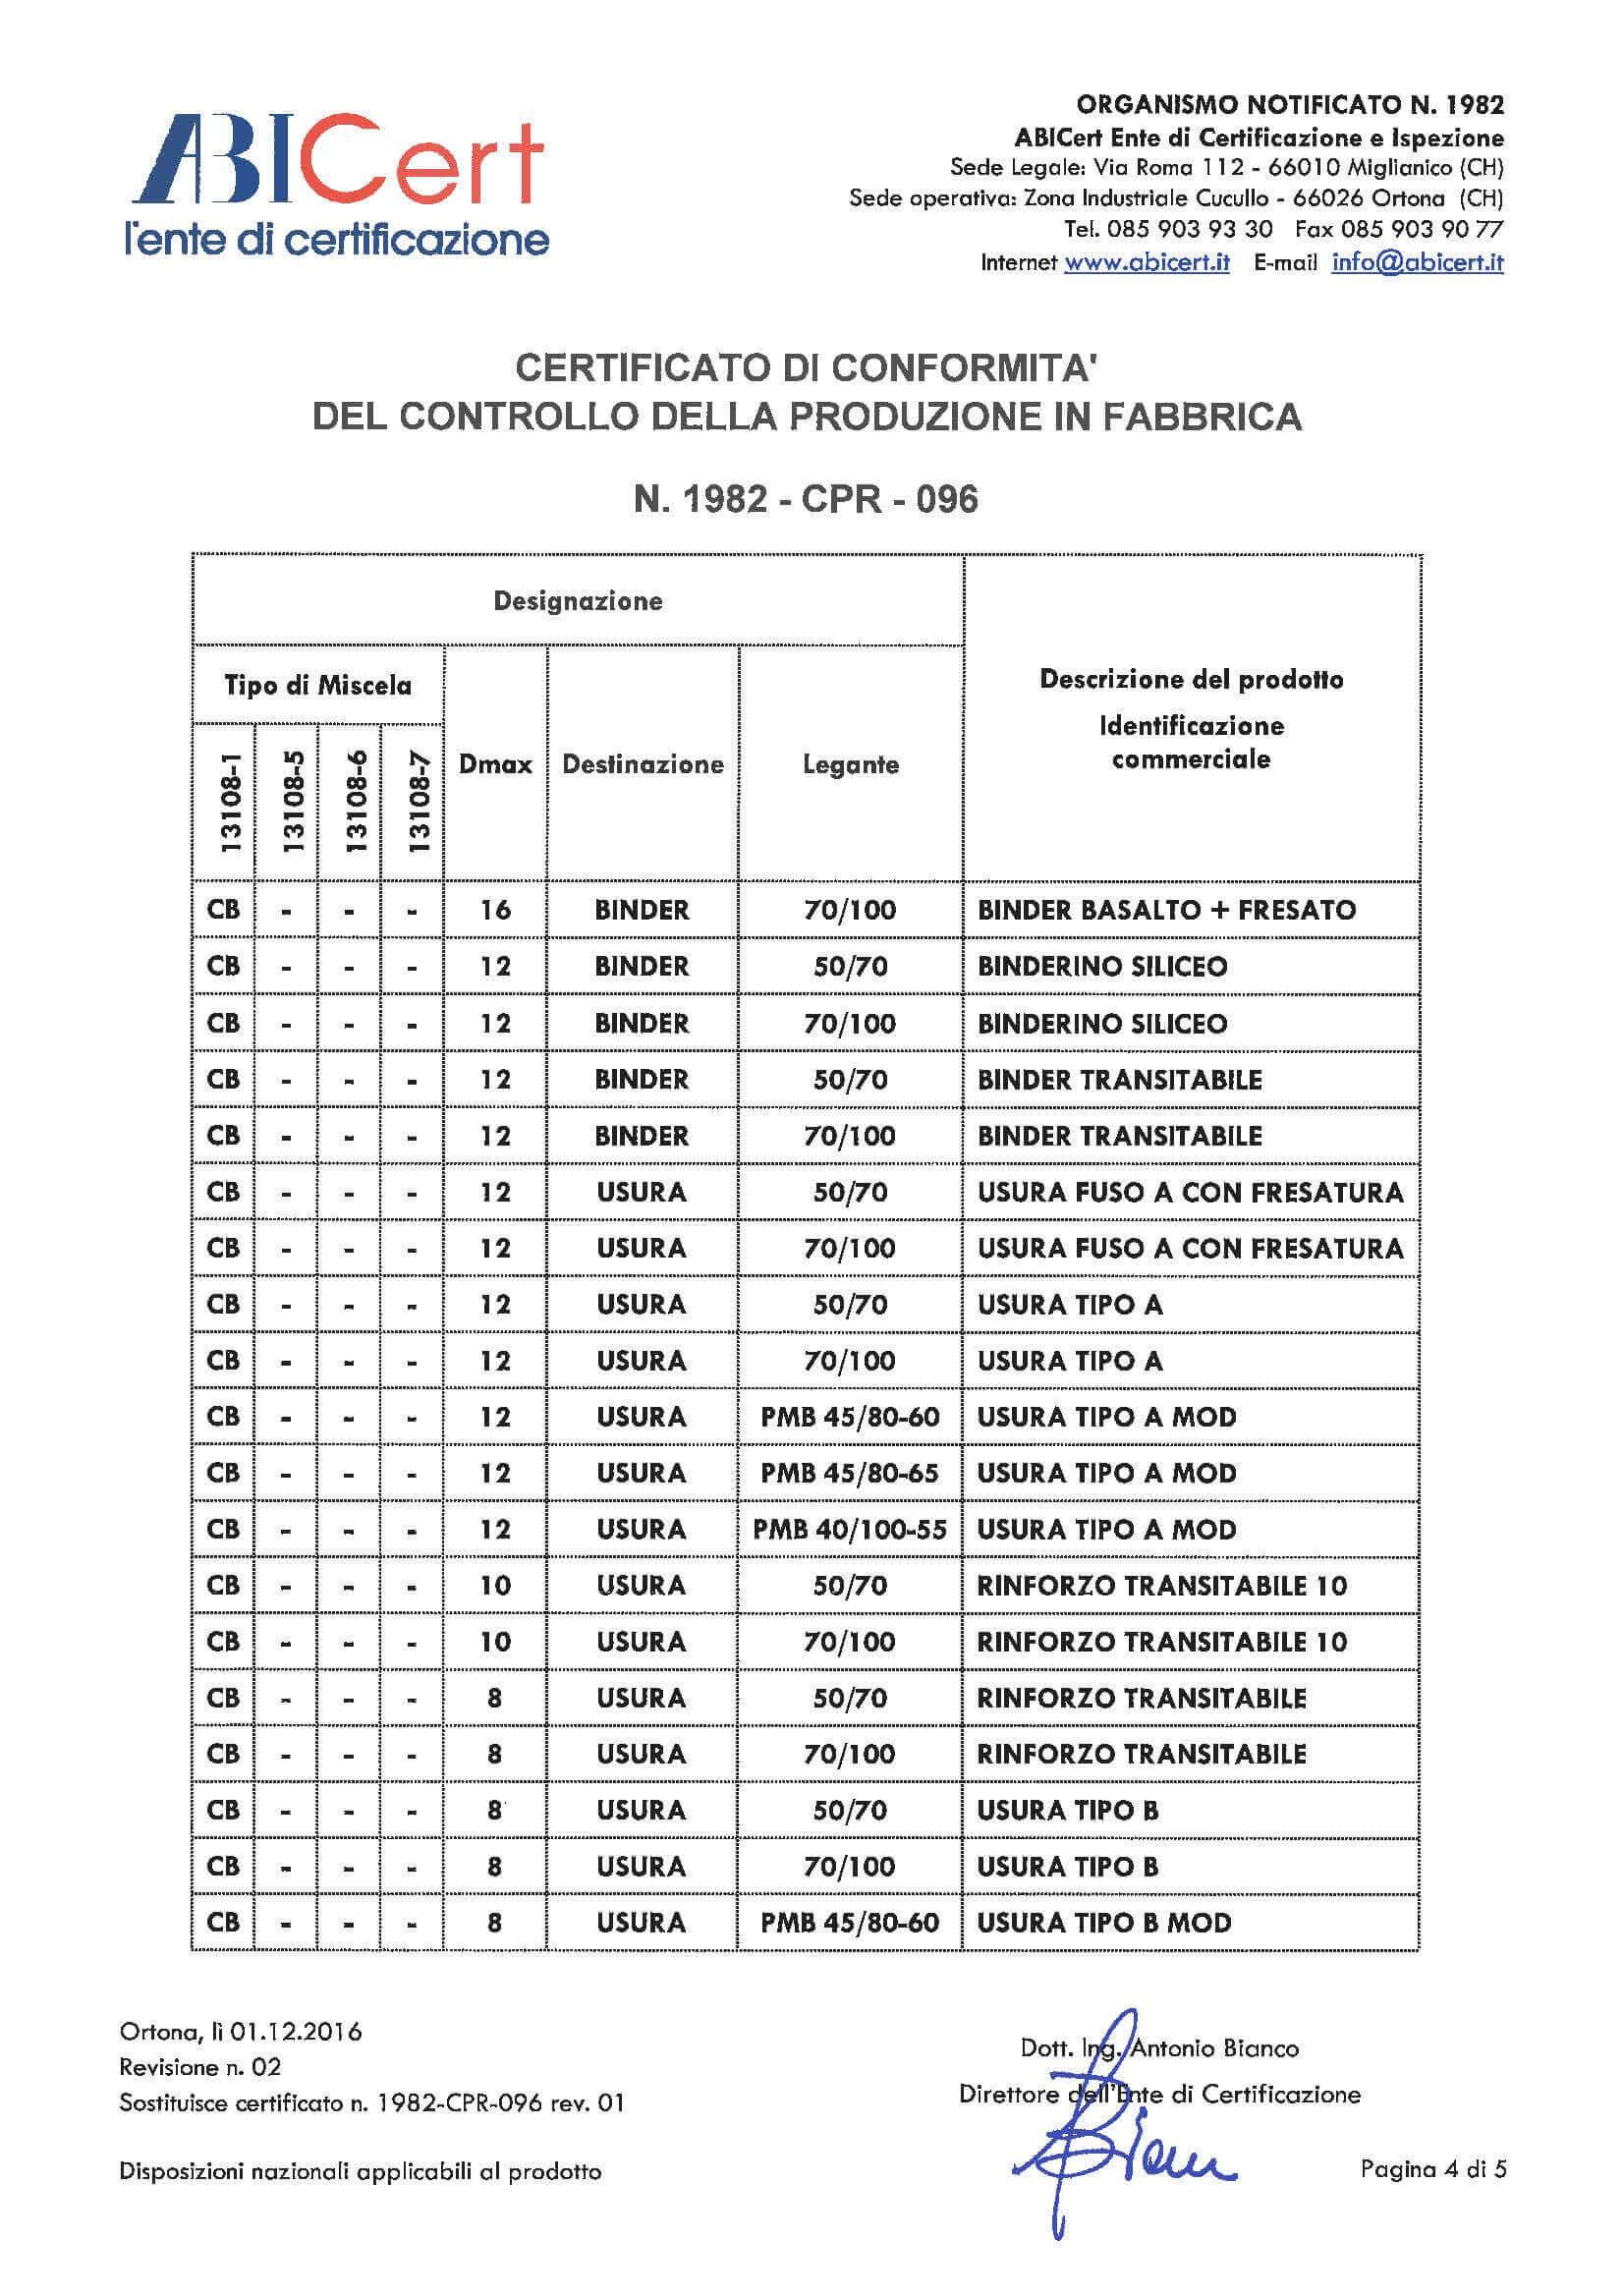 ABI Cert Certificato di conformita del controllo della produzione in Fabrrica 4/5